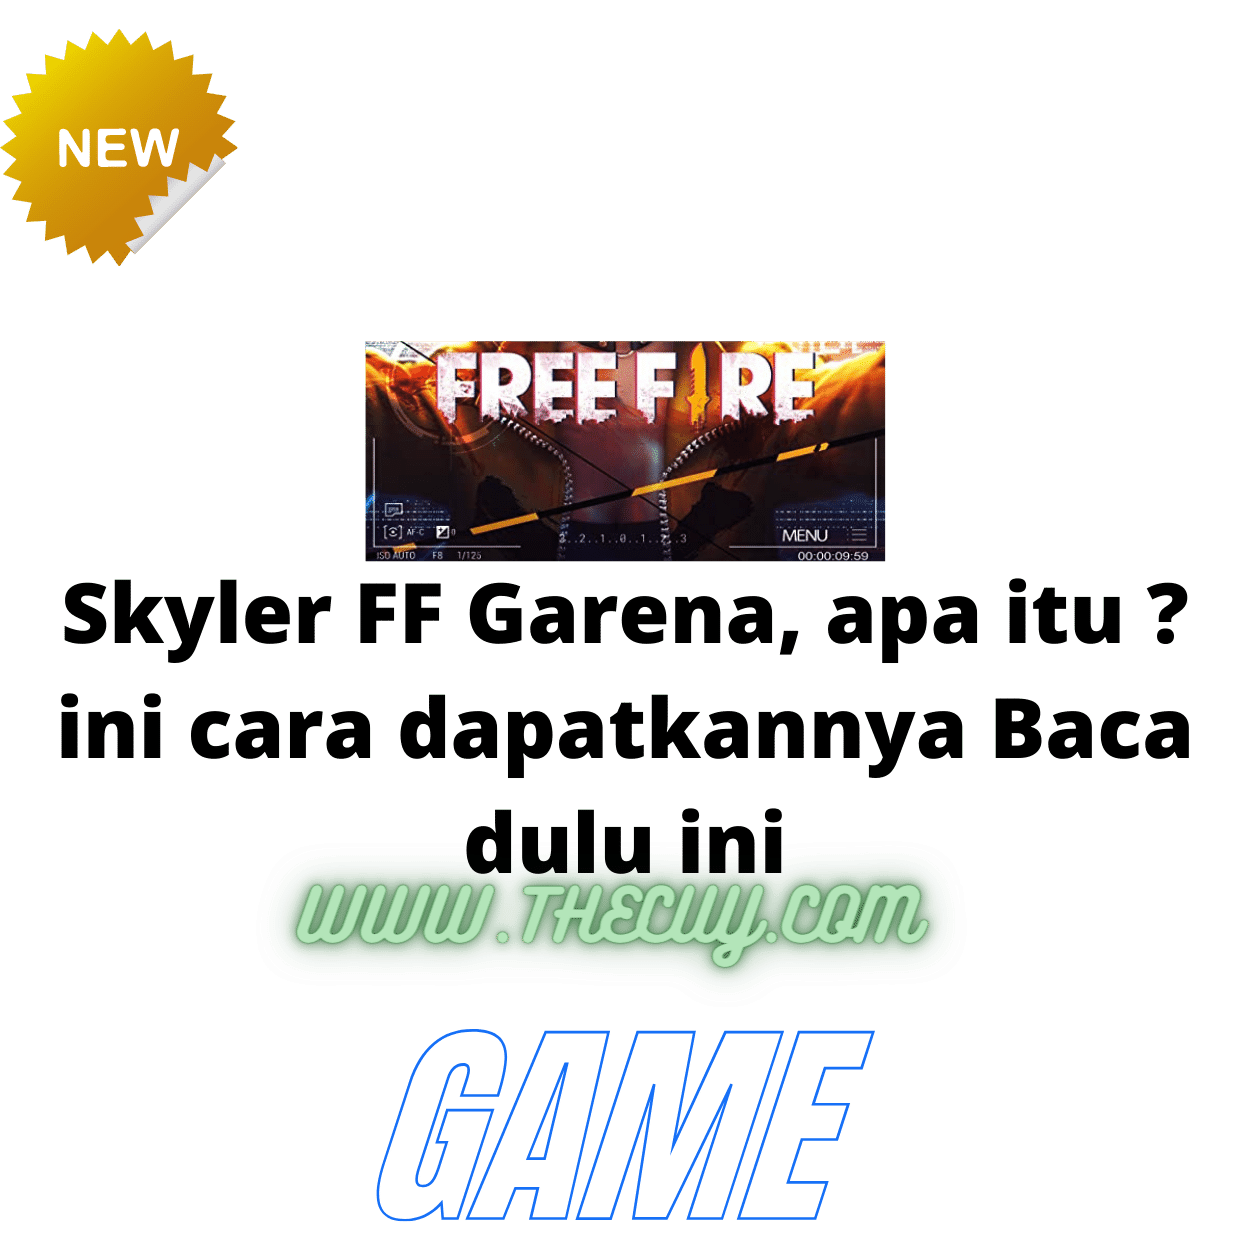 Skyler FF Garena, apa itu ? ini cara dapatkannya Baca dulu ini